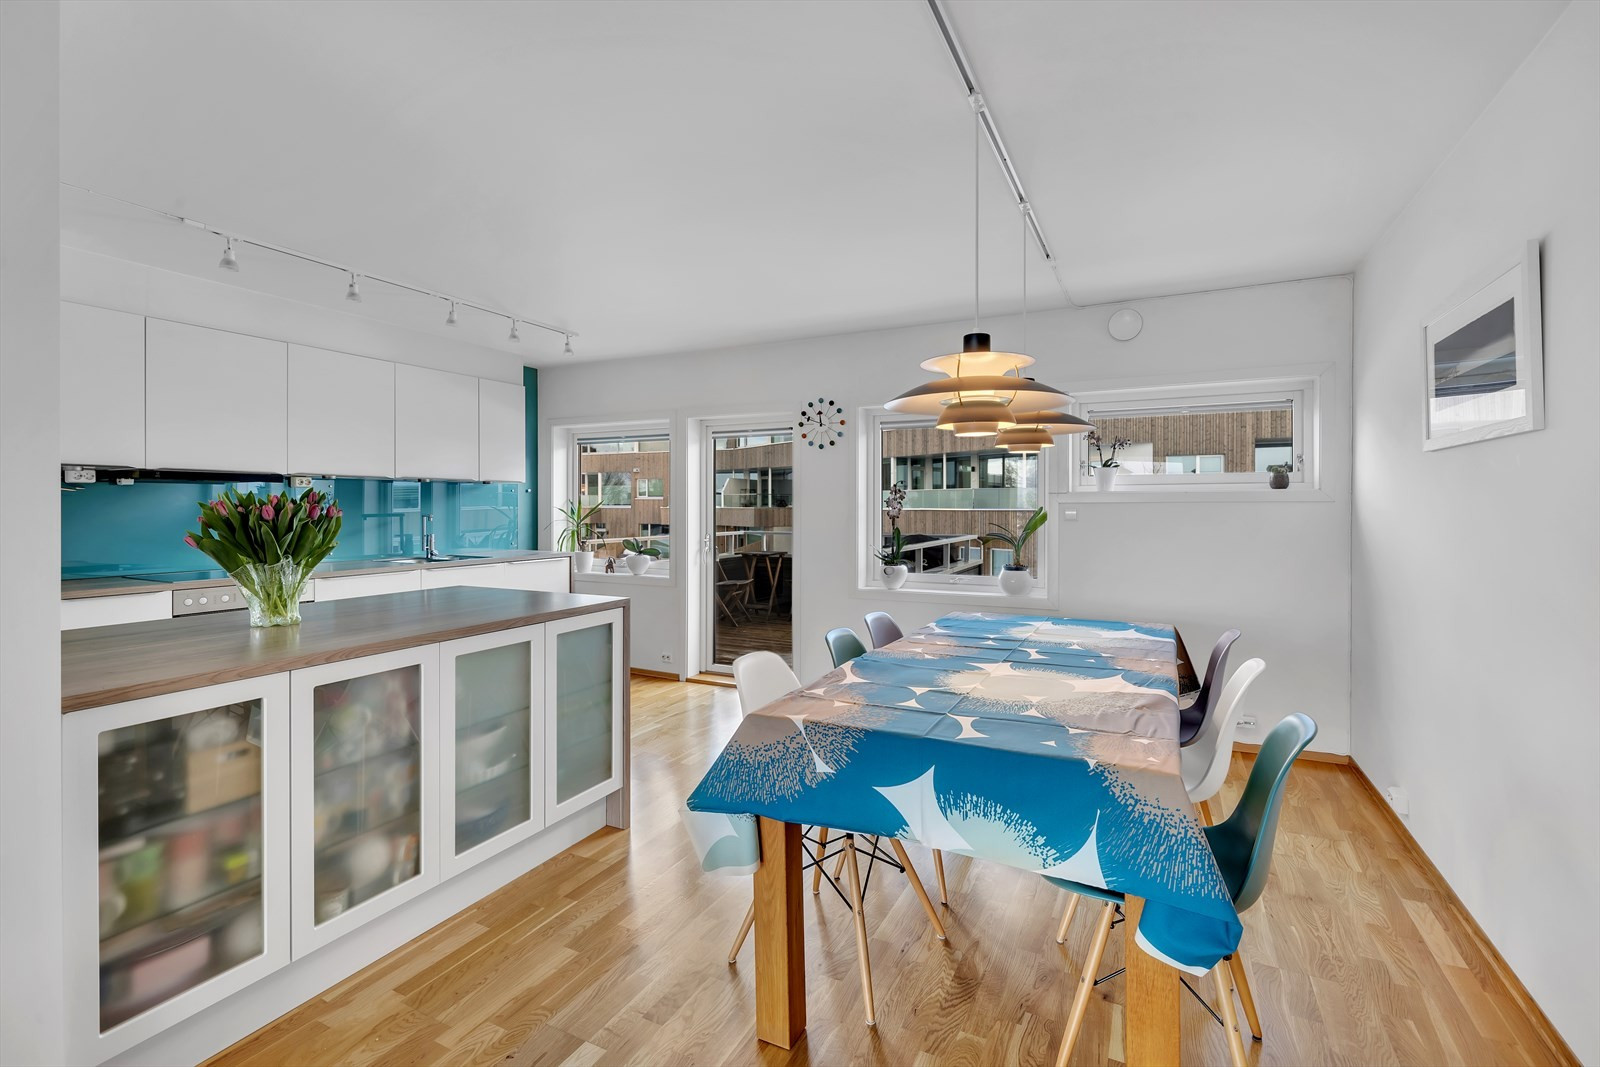 Stort og innholdsrikt kjøkken med spisebord